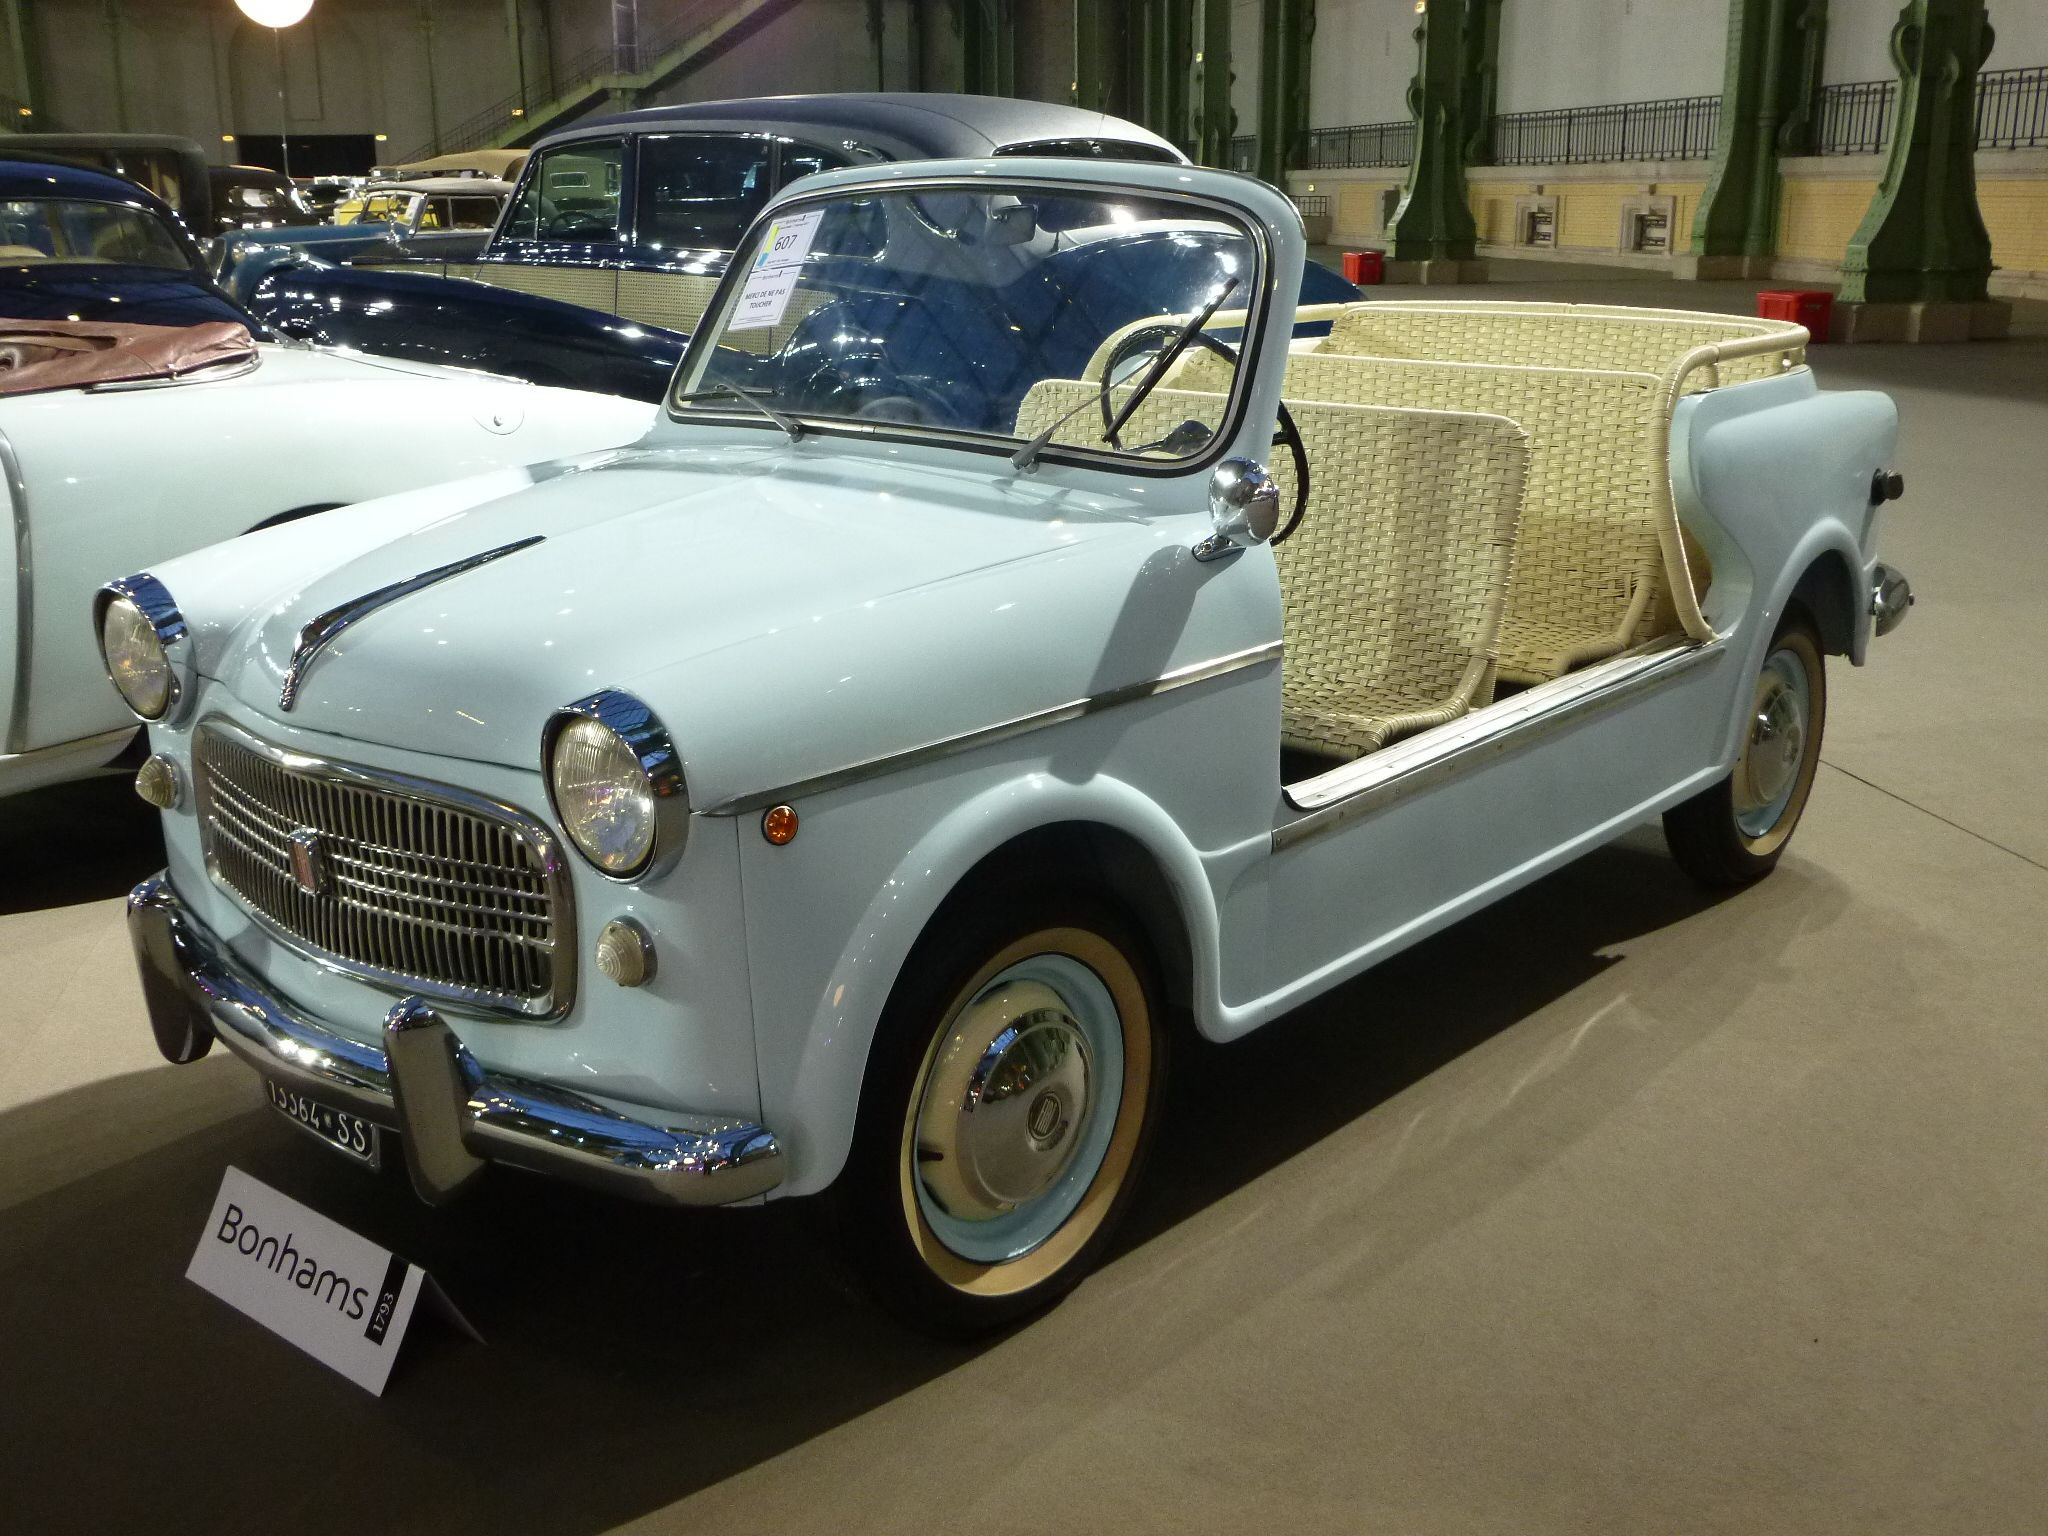 Fiat 1100 Spiagga 1956 Vente Bonhams Paris Grand Palais 2014